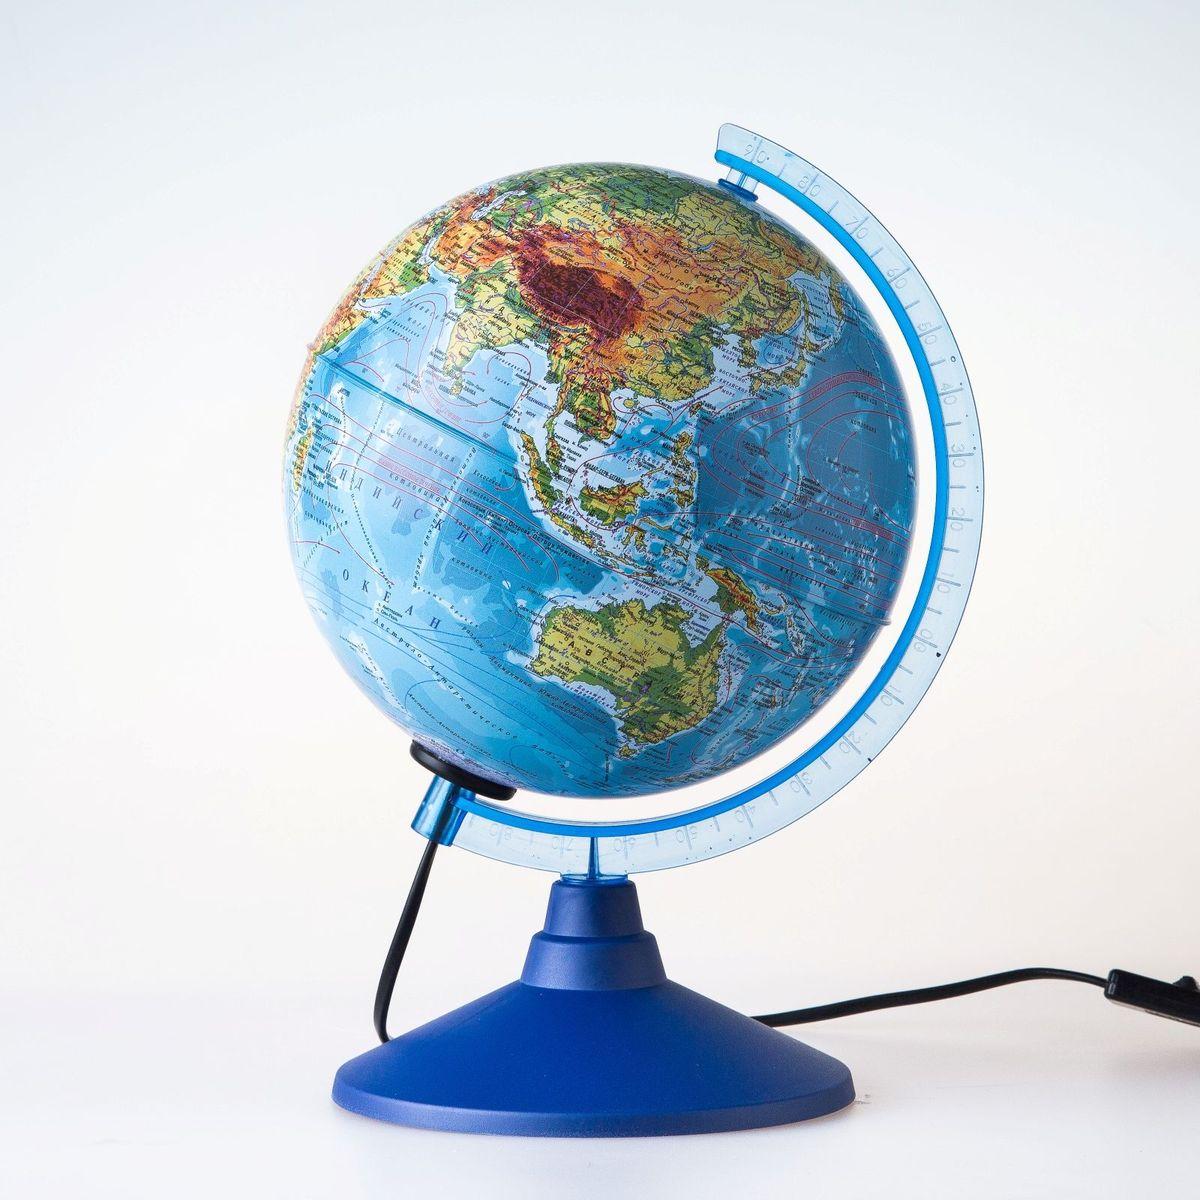 Глобен Глобус физический Классик Евро диаметр 15 см1072878Глобус для всех, глобус каждому!Глобус — самый простой способ привить ребенку любовь к географии. Он является отличным наглядным примером, который способен в игровой доступной и понятной форме объяснить понятия о планете Земля.Также интерес к глобусам проявляют не только детки, но и взрослые. Для многих уменьшенная копия планеты заменяет атлас мира из-за своей доступности и универсальности.Умный подарок! Кому принято дарить глобусы? Всем! Глобус физический диаметр 150мм Классик Евро с подсветкой — это уменьшенная копия земного шара, в которой каждый найдет для себя что-то свое.путешественники и заядлые туристы смогут отмечать с помощью стикеров те места, в которых побывали или собираются их посетитьделовые и успешные люди оценят такой подарок по достоинству, потому что глобус ассоциируется со статусом и властьюпреподаватели, ученые, студенты или просто неординарные личности также найдут для глобуса достойное место в своем доме.Итак, спешите заказать настольные глобусы в нашем интернет-магазине по привлекательным ценам, и помните, кто владеет глобусом, тот владеет миром!